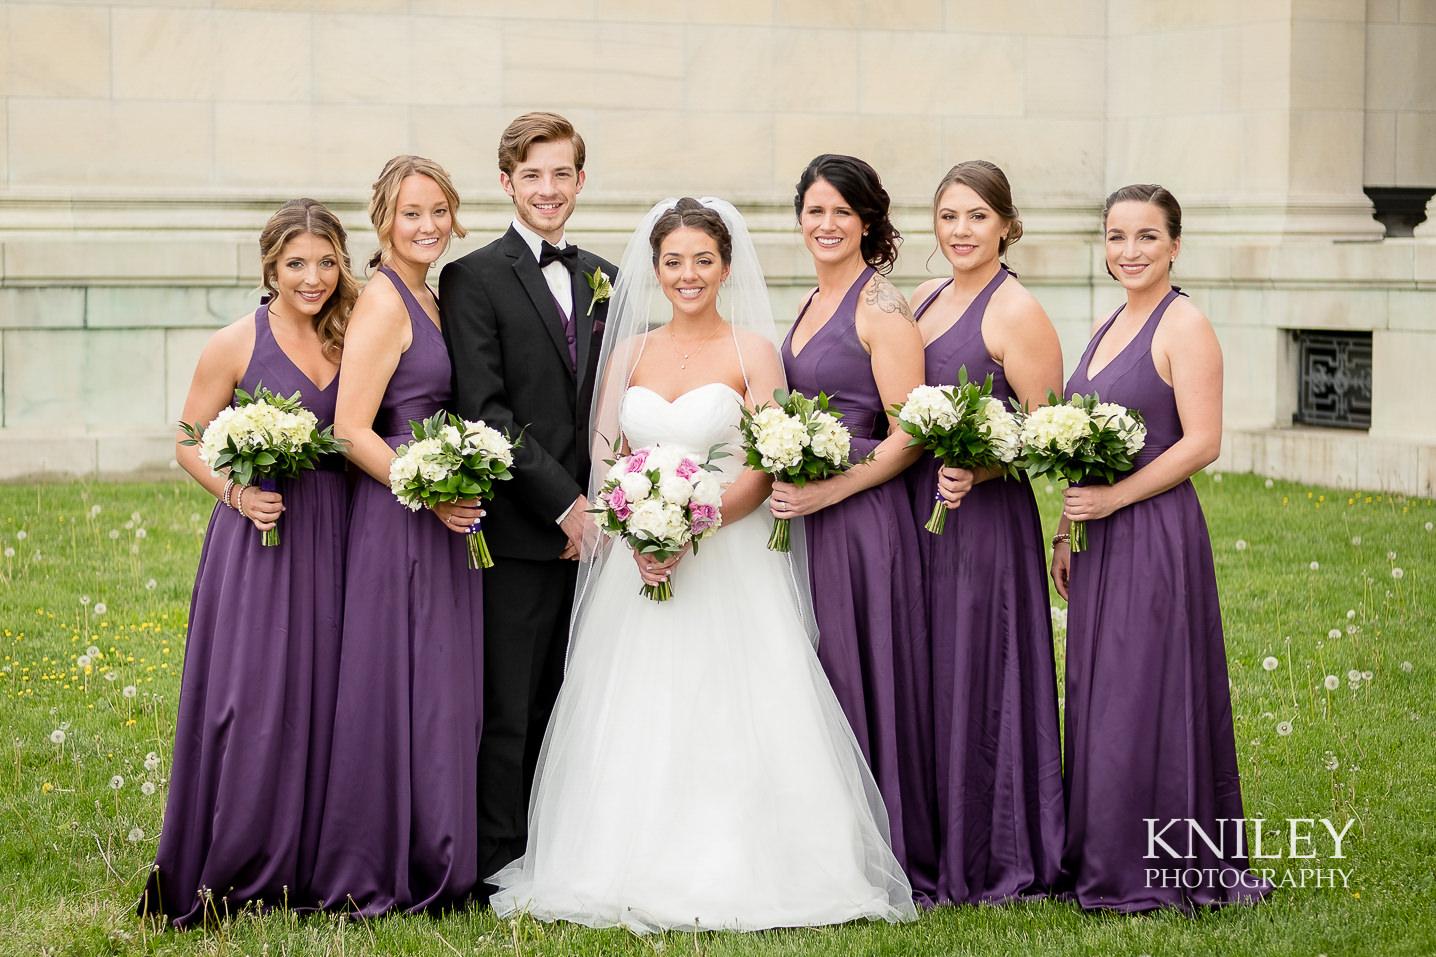 066 - Hoyt Lake Buffalo NY Wedding Pictures -XT2B8435.jpg